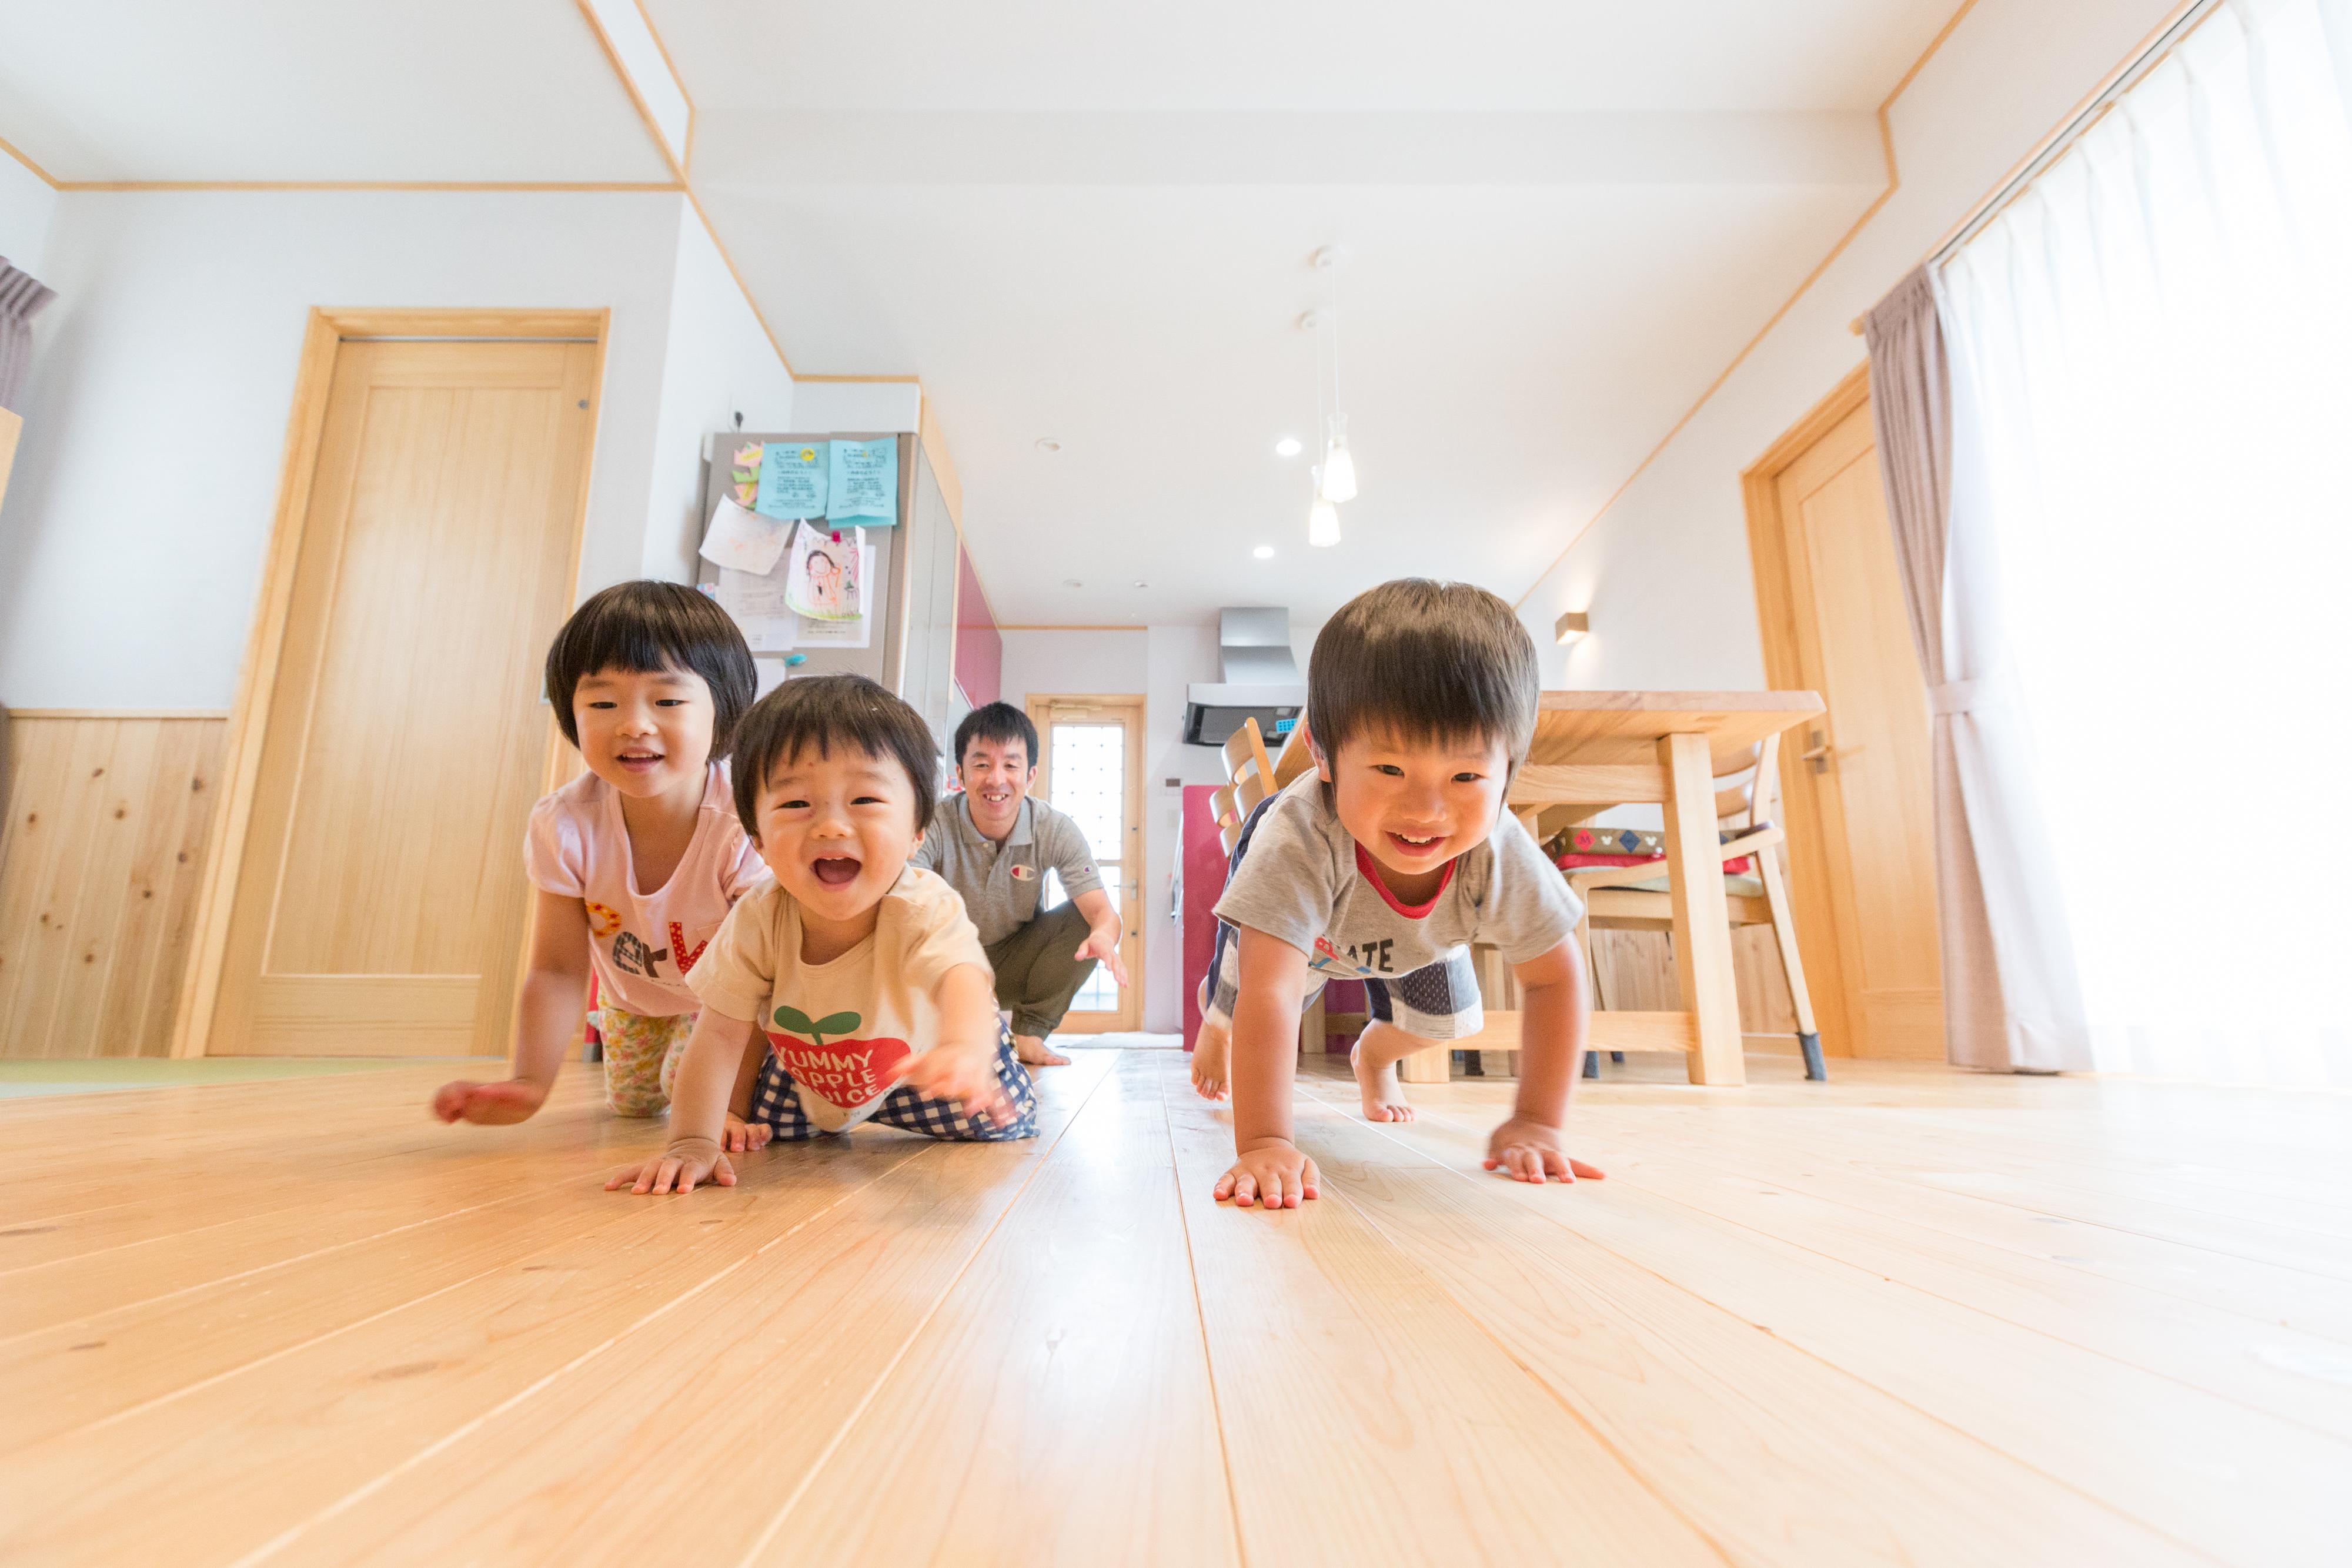 河合工務店【子育て、自然素材、間取り】無垢の床は肌触りが良く、健康に過ごせる。素材感の良さを活かした家づくりも同社だからこそ